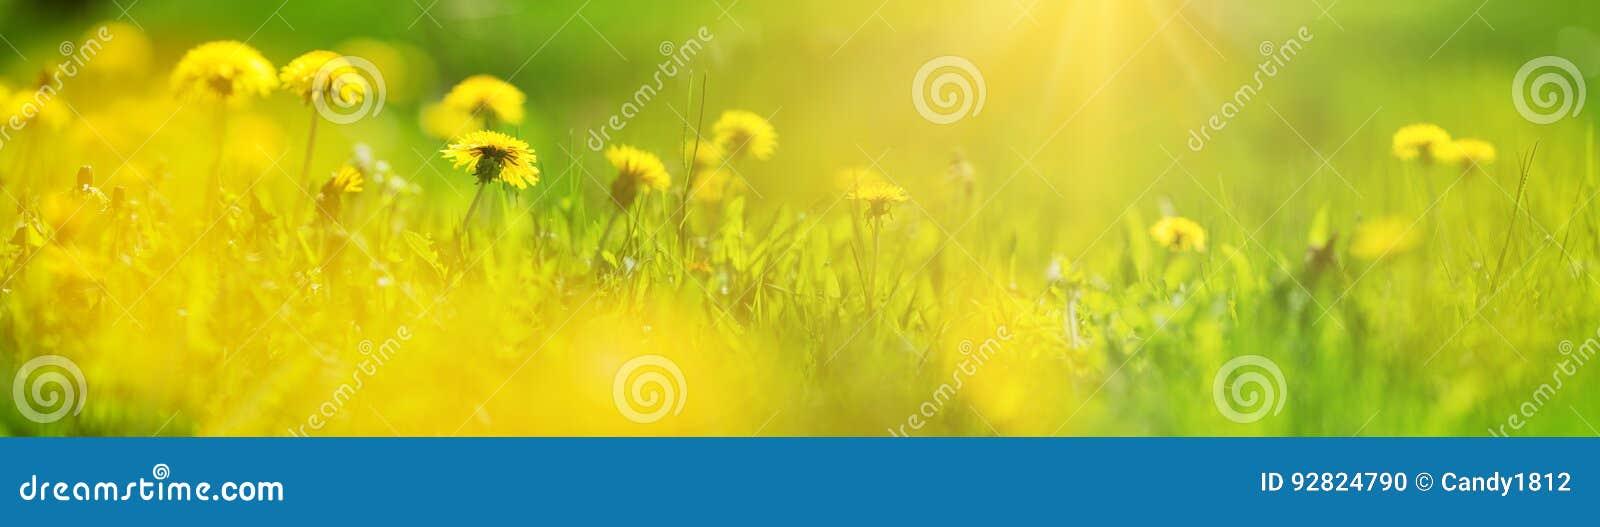 Pole z dandelions Zbliżenie żółci wiosna kwiaty